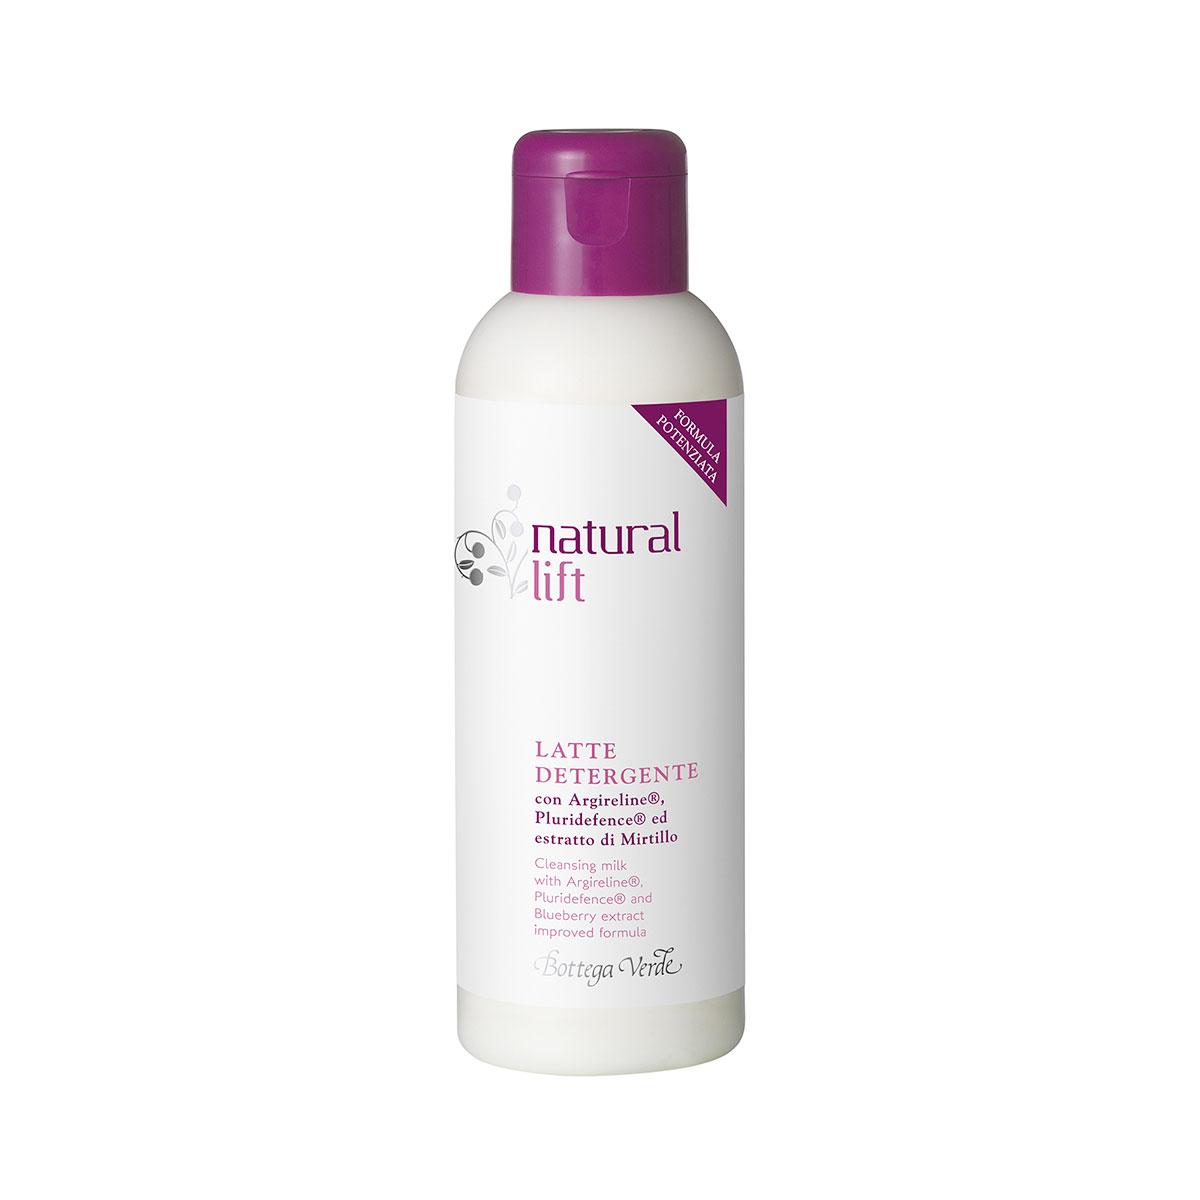 Natural Lift - Latte detergente con Argireline®, Pluridefence®  ed estratto di Mirtillo (150 ml)